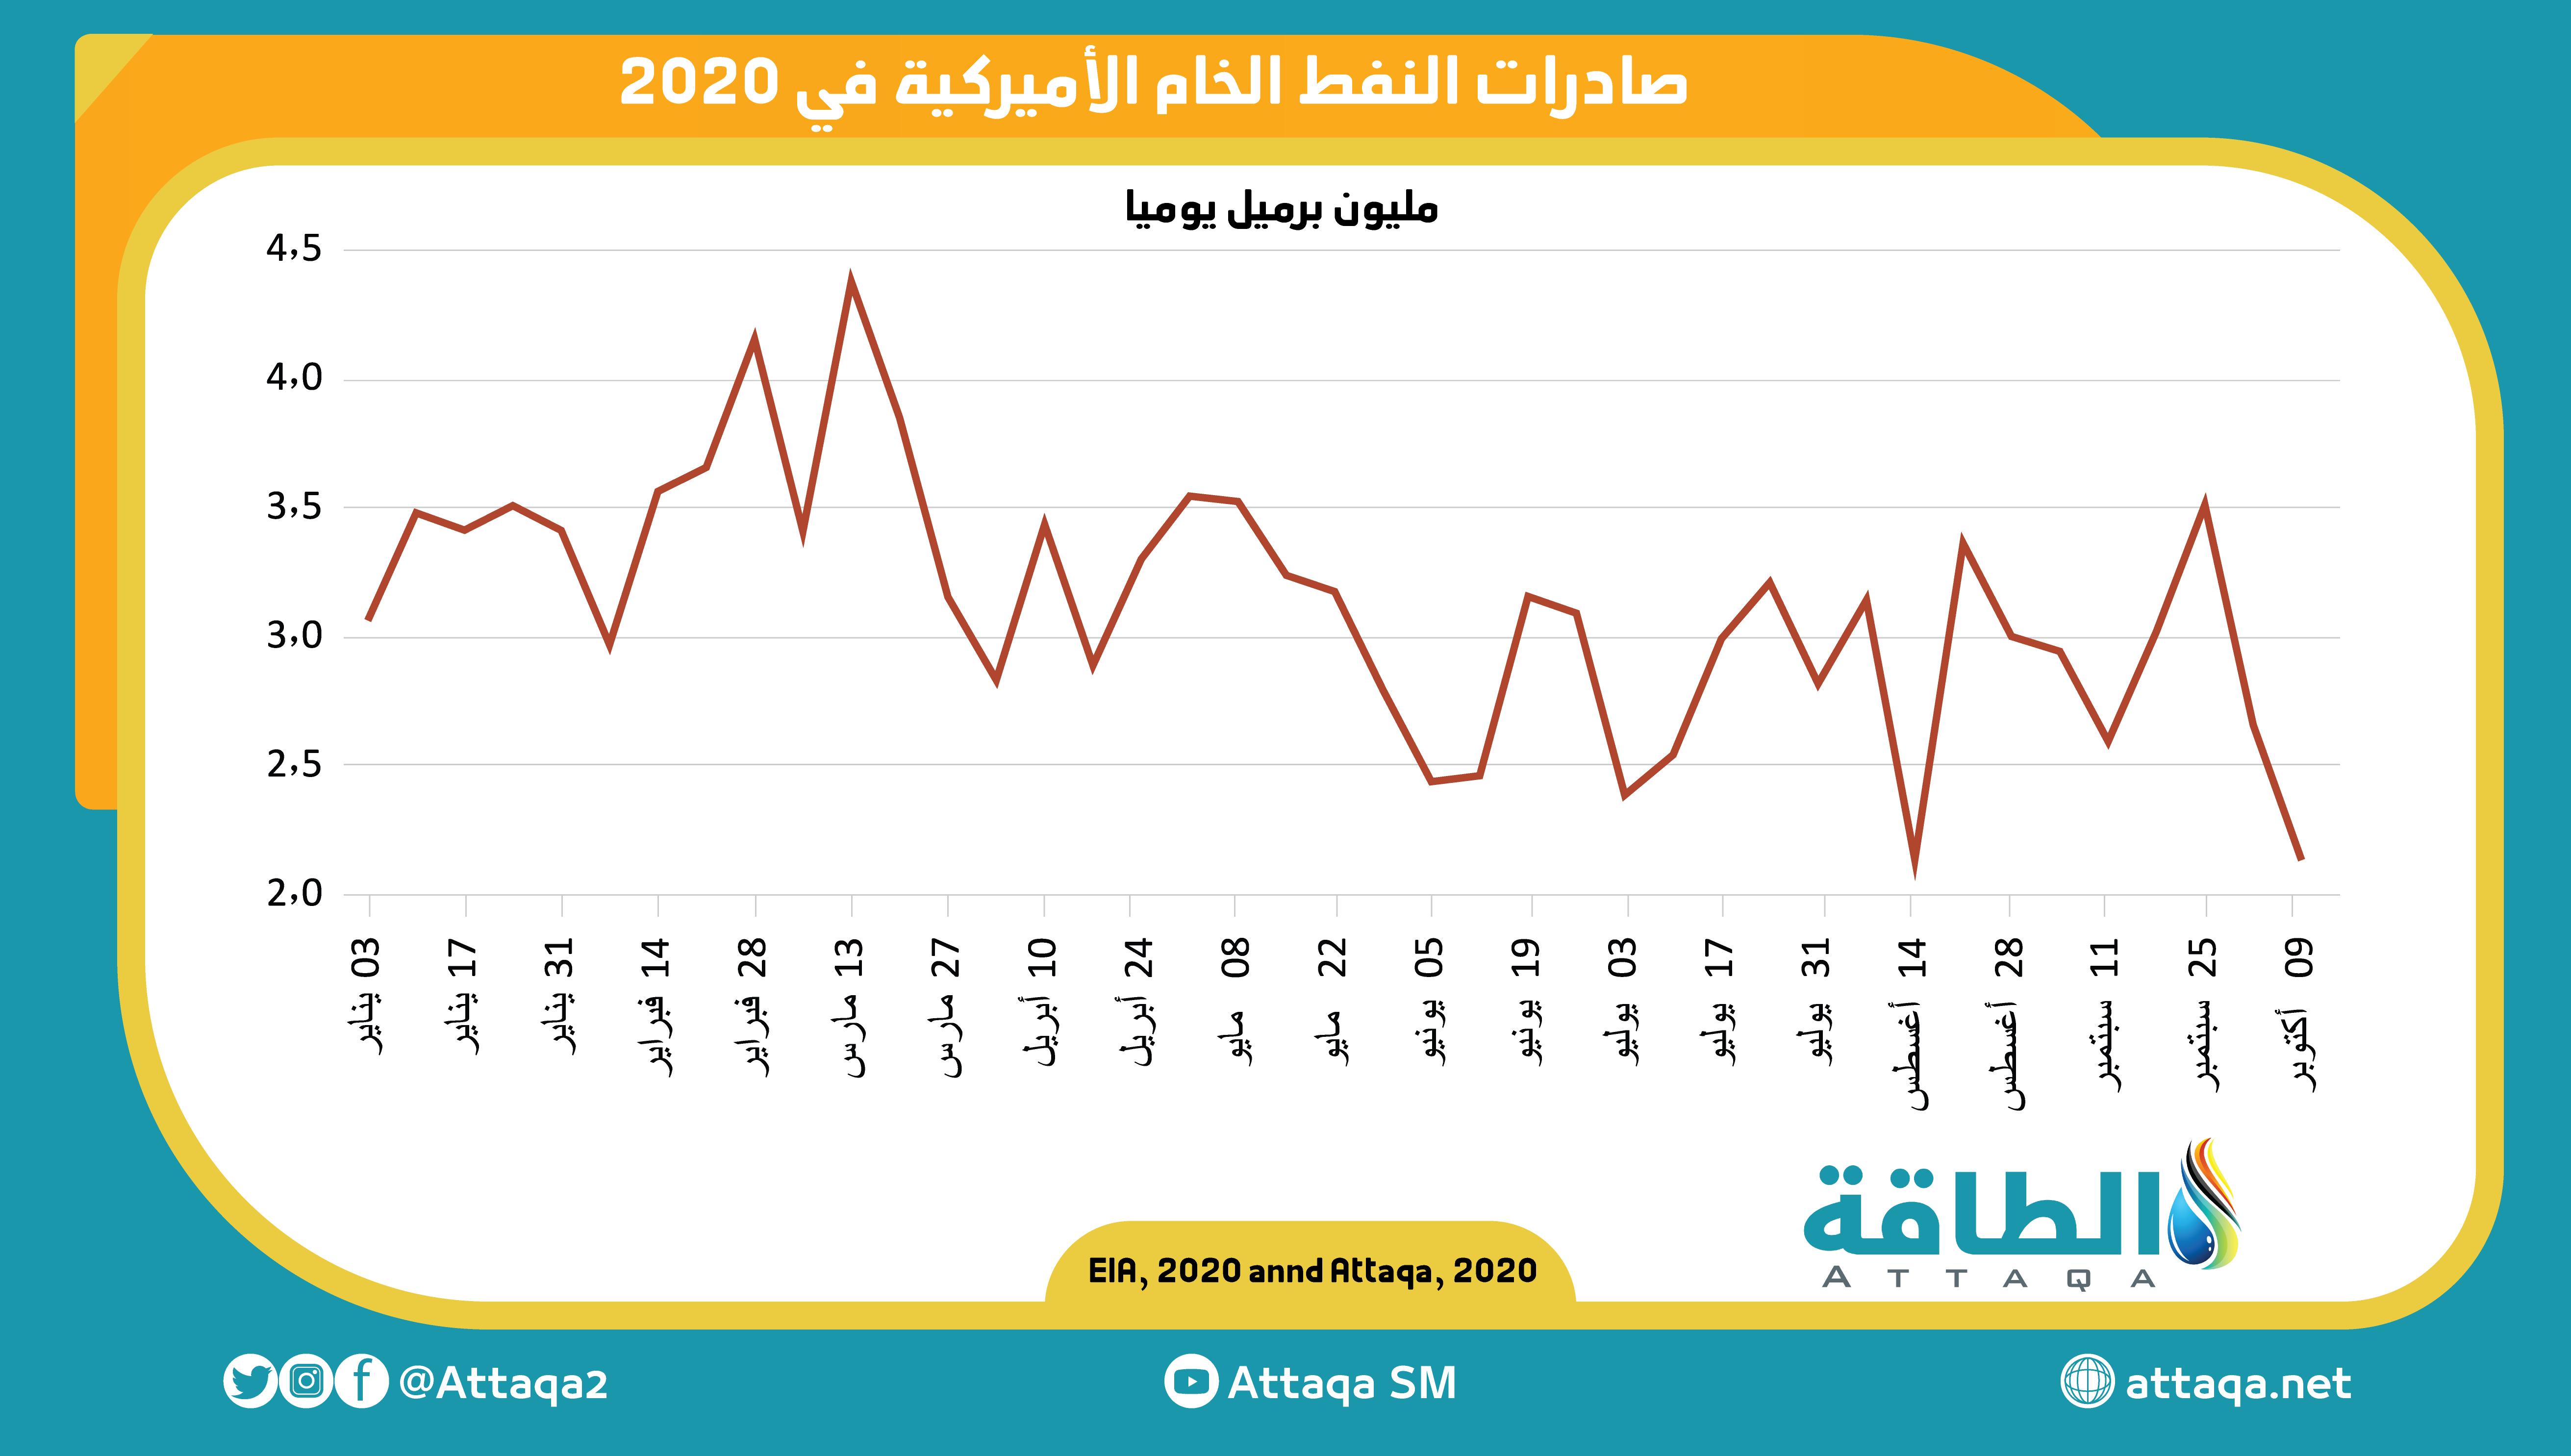 صادرات النفط الأميركية في 2020